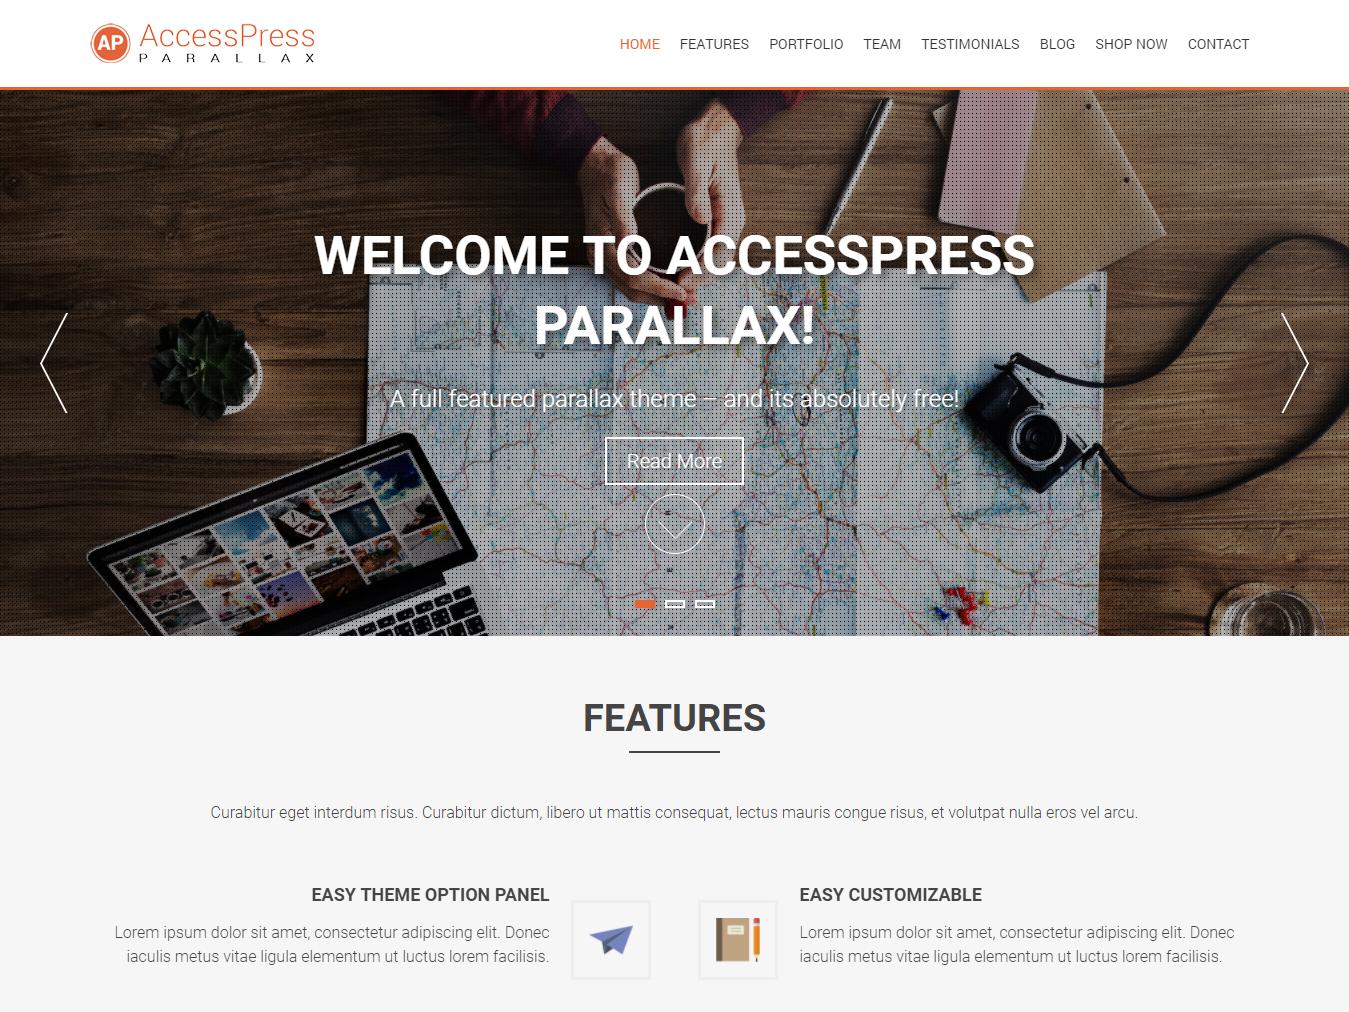 https://themes.svn.wordpress.org/accesspress-parallax/1.54/screenshot.png